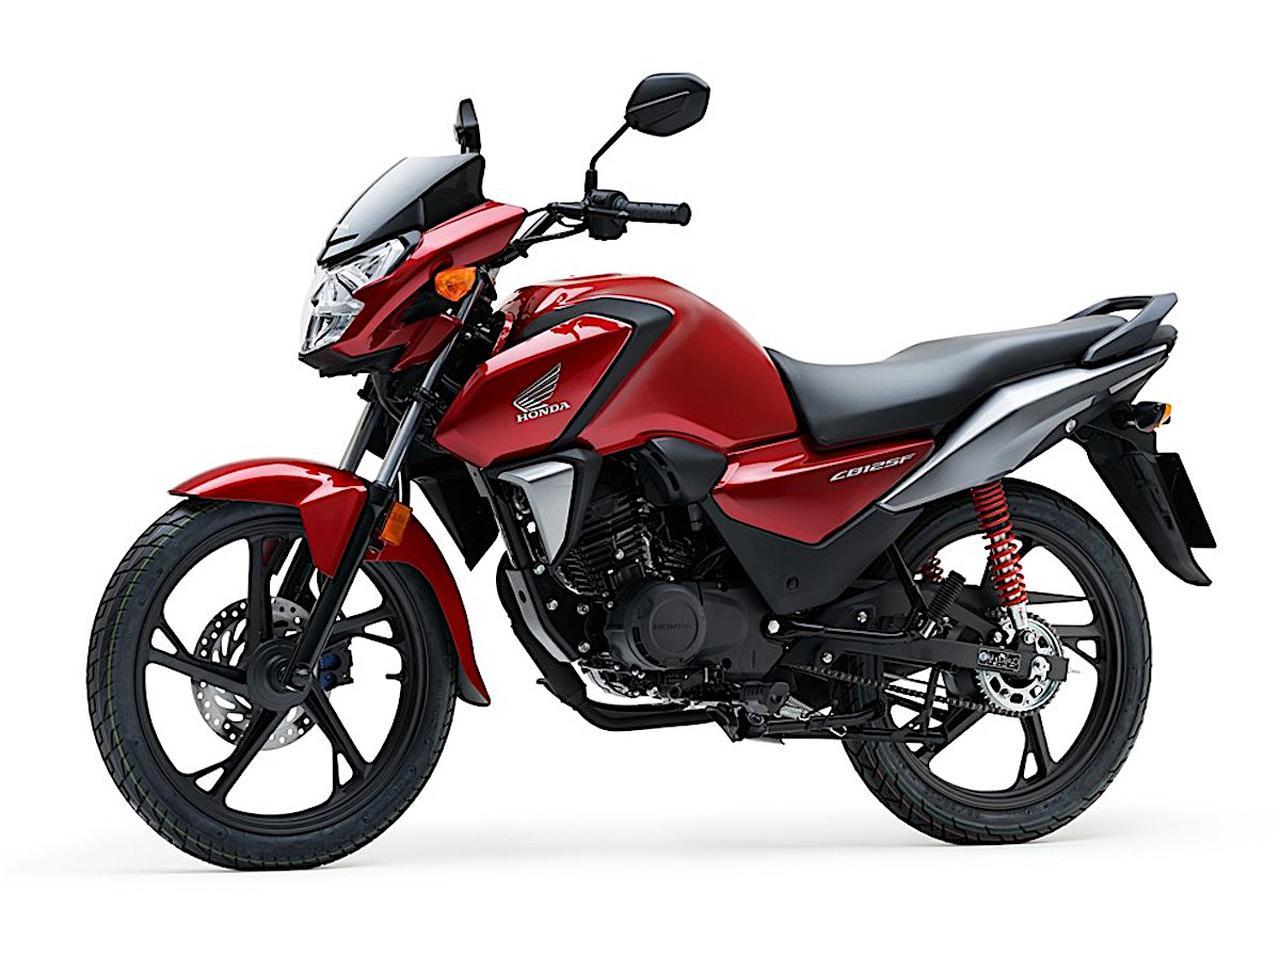 画像: Honda CB125F 欧州仕様・2021年モデル 総排気量:124cc エンジン形式:空冷4ストSOHC2バルブ単気筒 シート高:790mm 車両重量:117kg